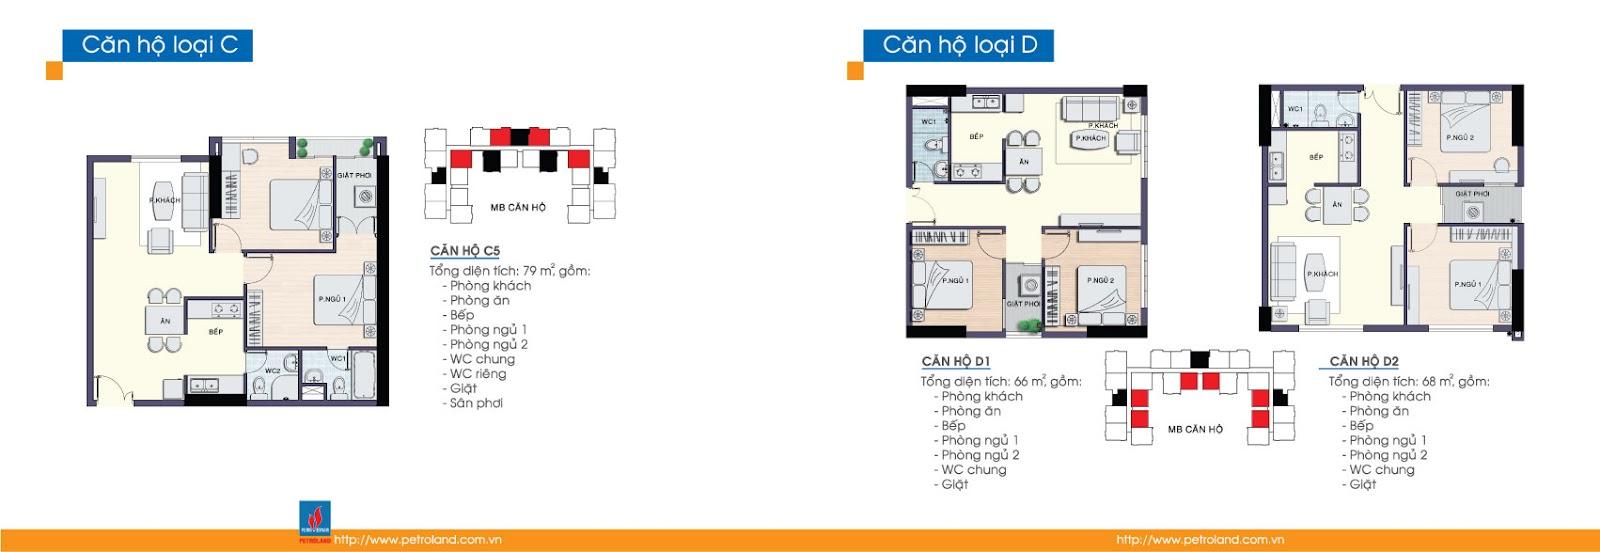 căn hộ loại D - căn hộ petroland , mặt bằng căn hộ petroland q2